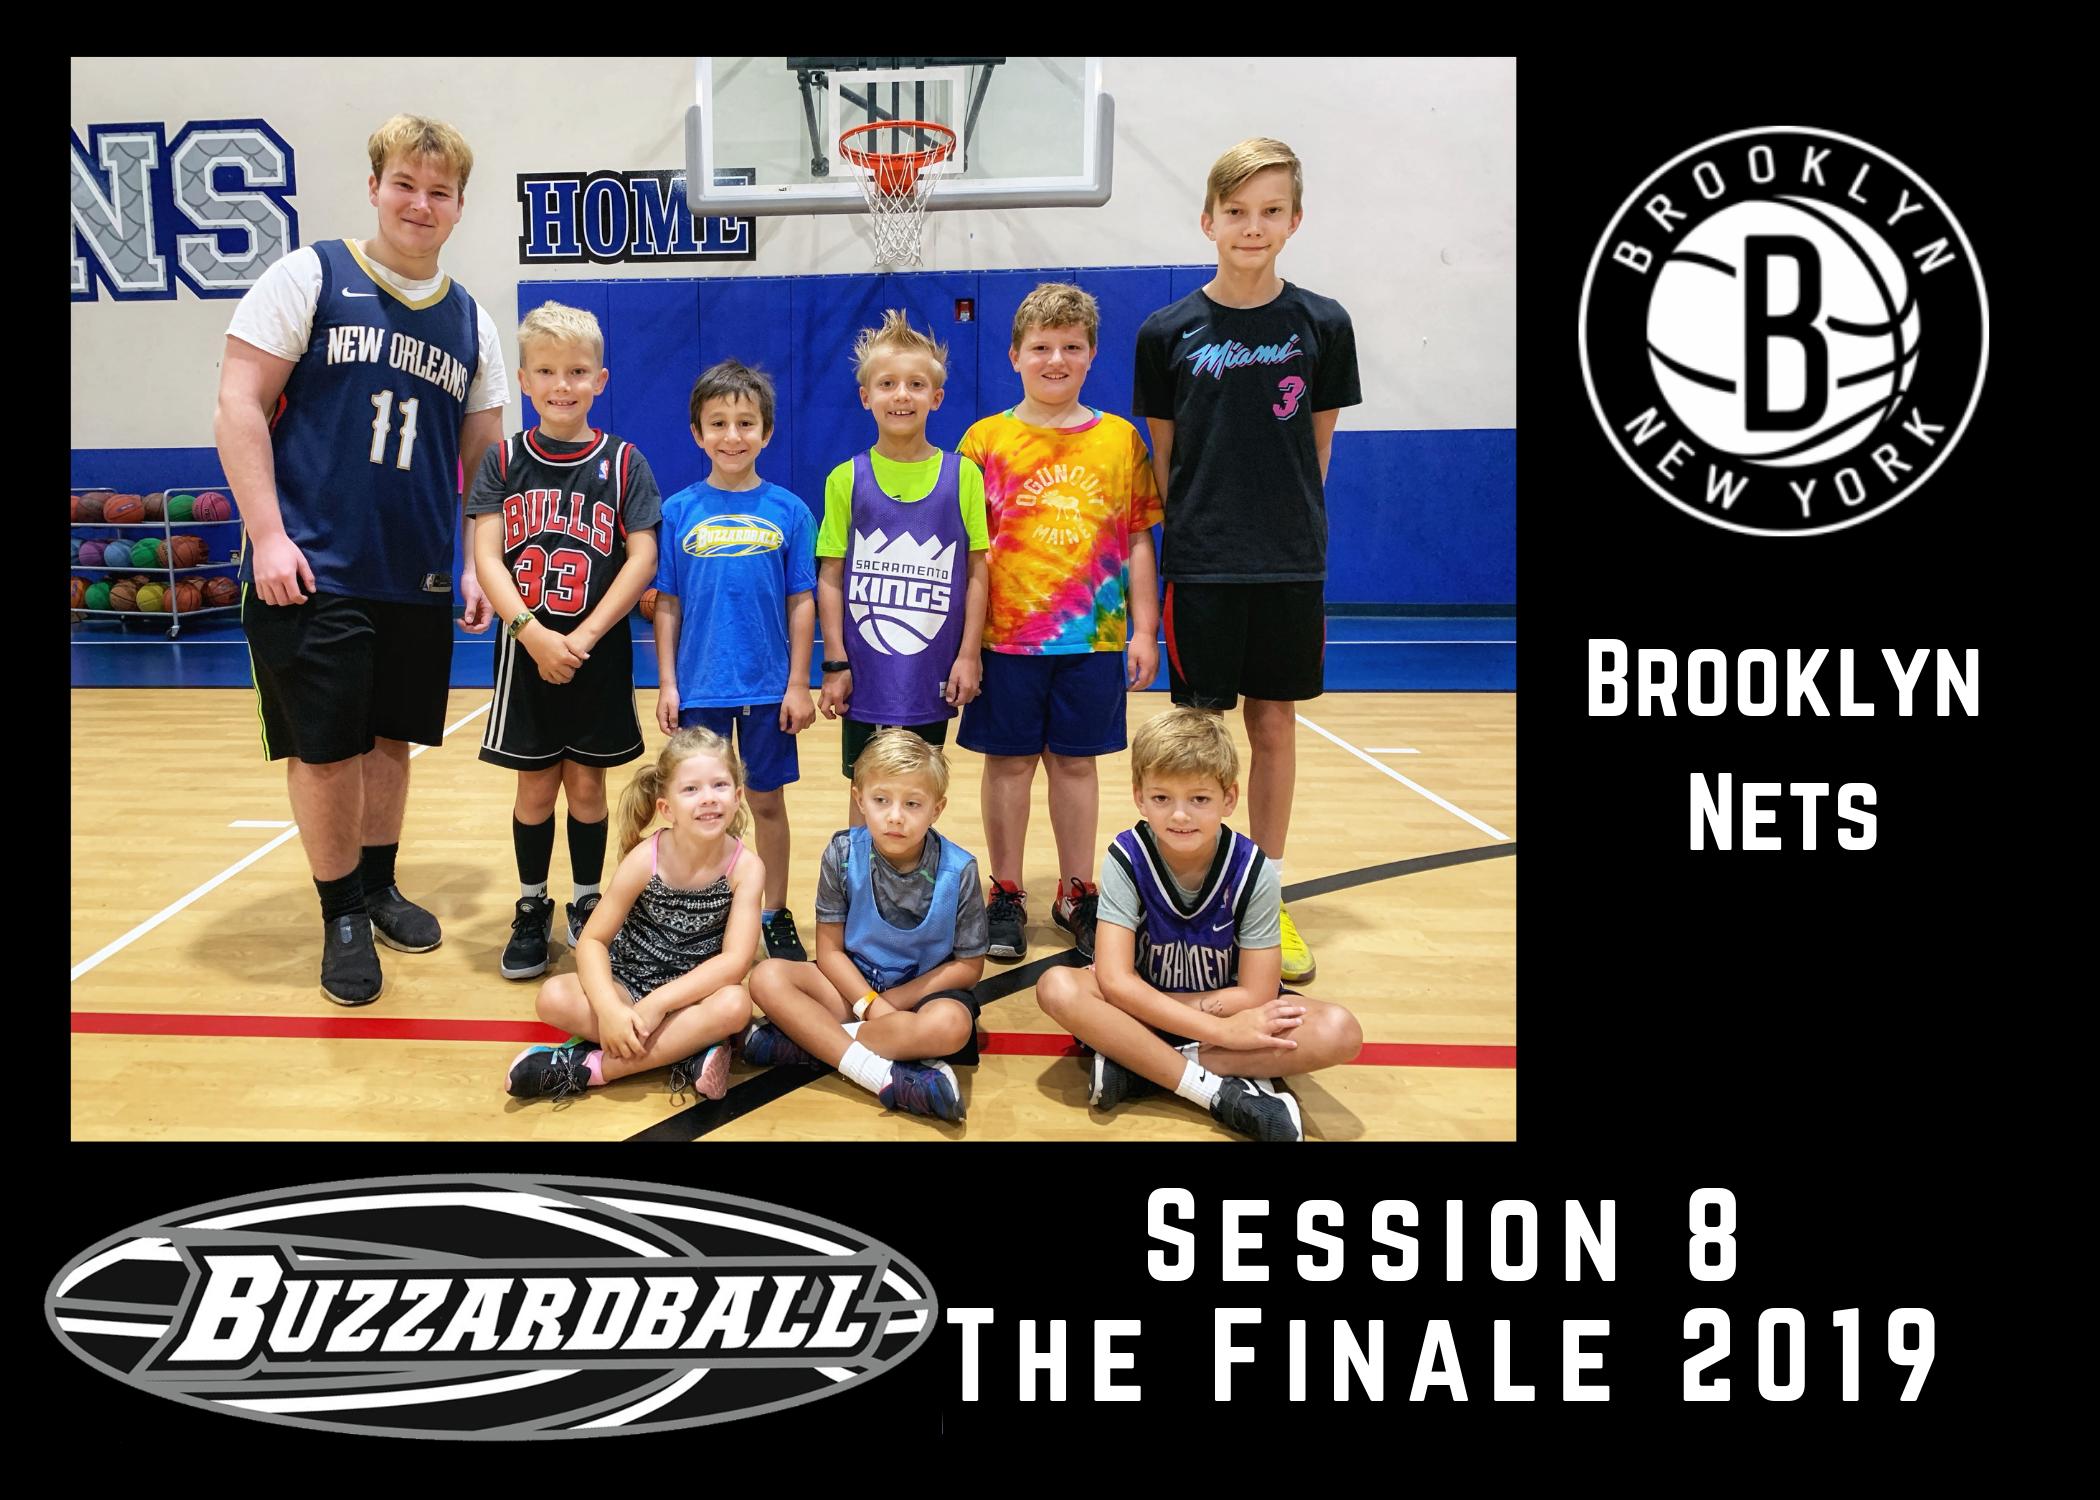 8 Brooklyn Nets.png